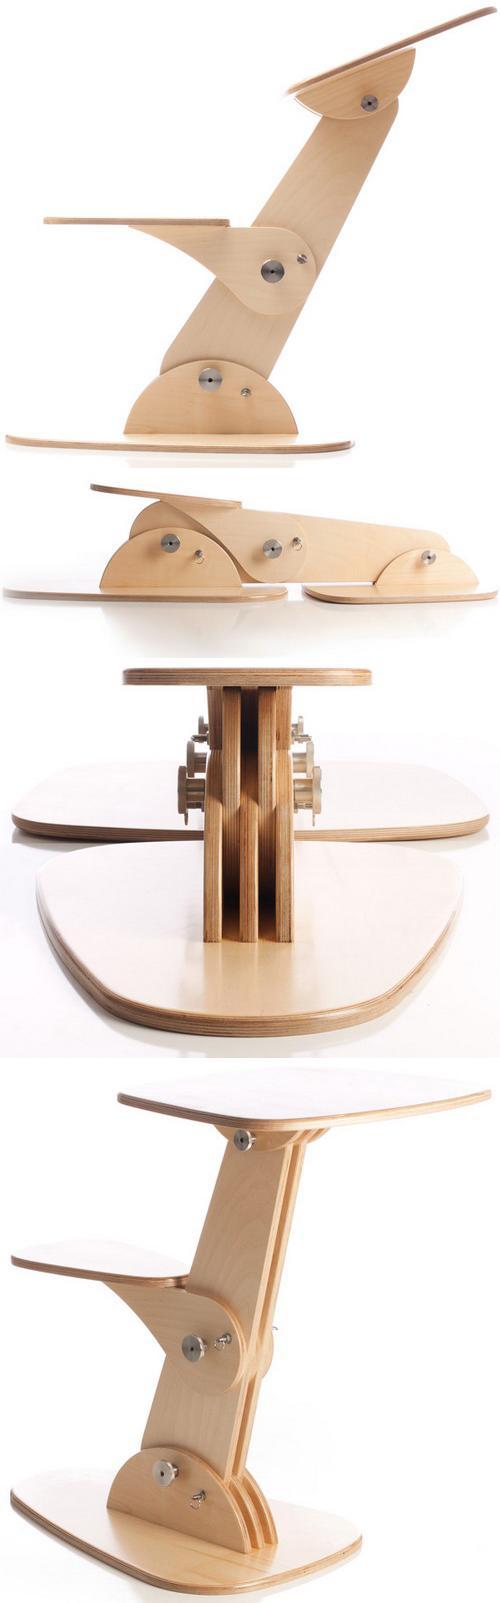 Складной стол